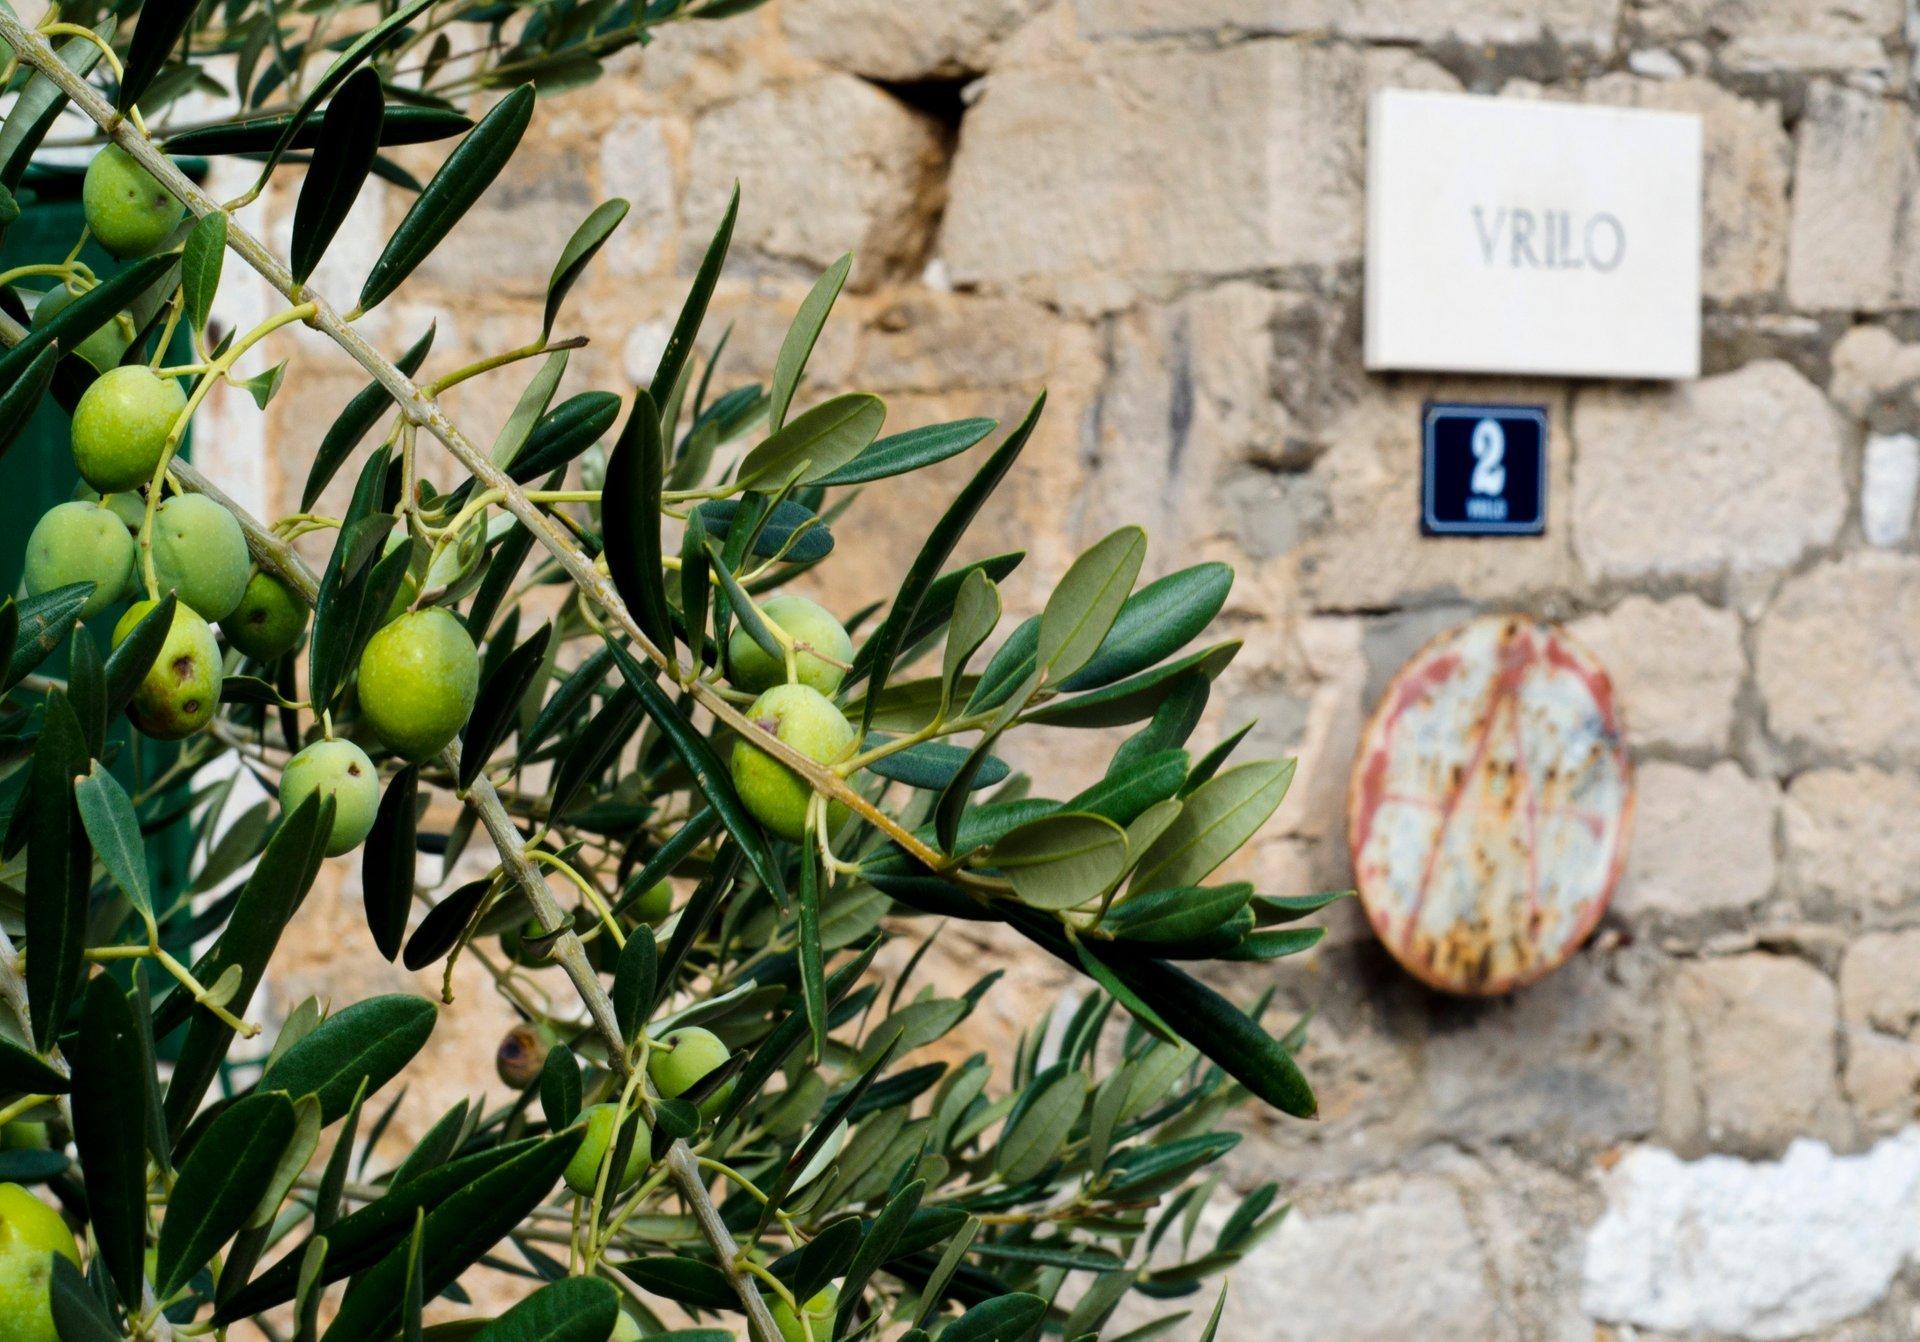 Olive tree in Postira, island of Brač, Croatia 2020